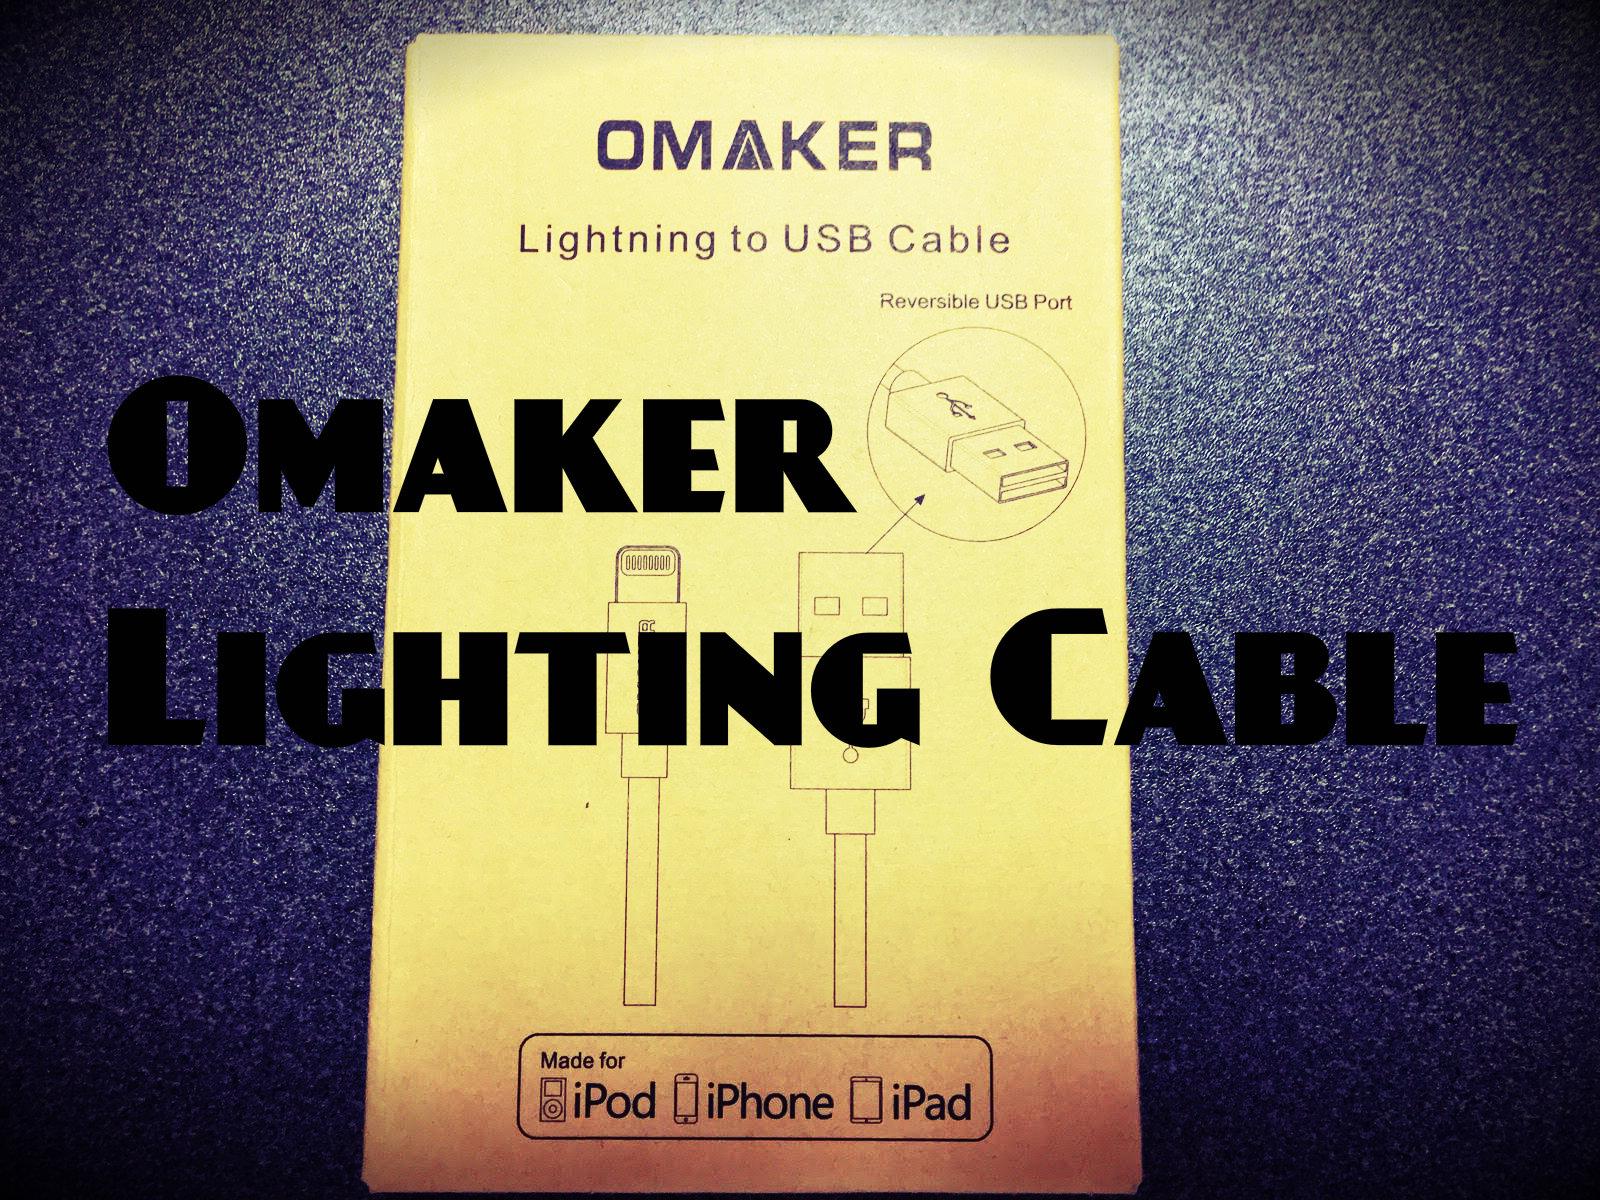 純正ケーブルの半額以下で買える!高耐久でリバーシブル対応なOmaker製Lightningケーブル【PR】